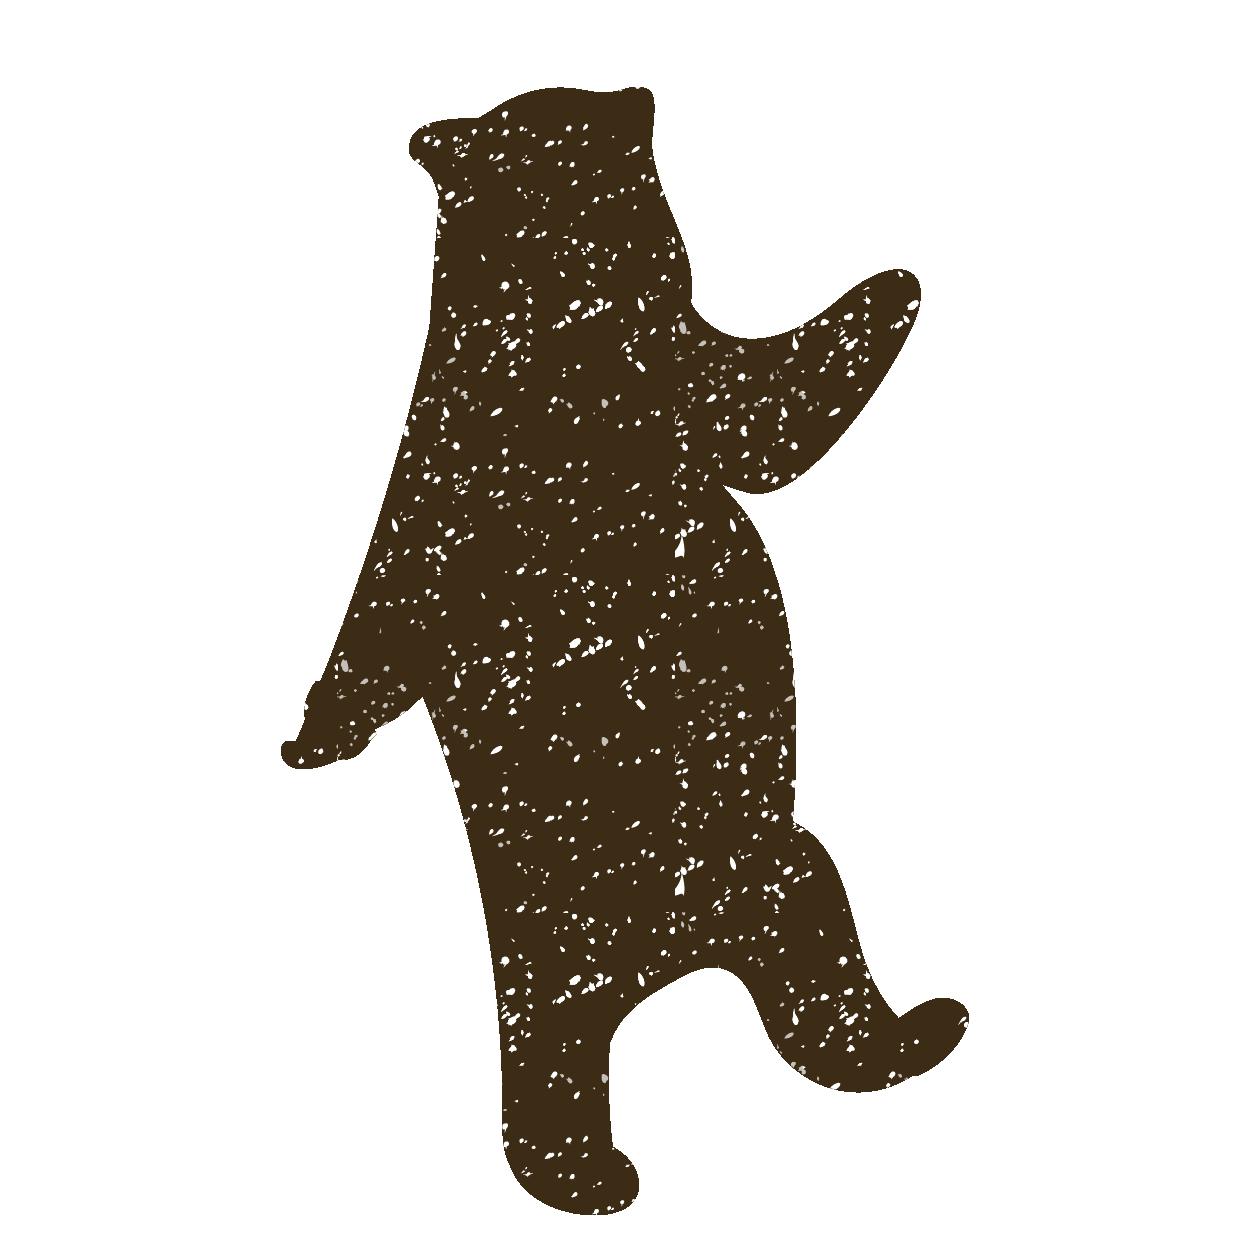 熊(クマ・くま)のスタンプ イラスト【動物】 | 商用フリー(無料)の